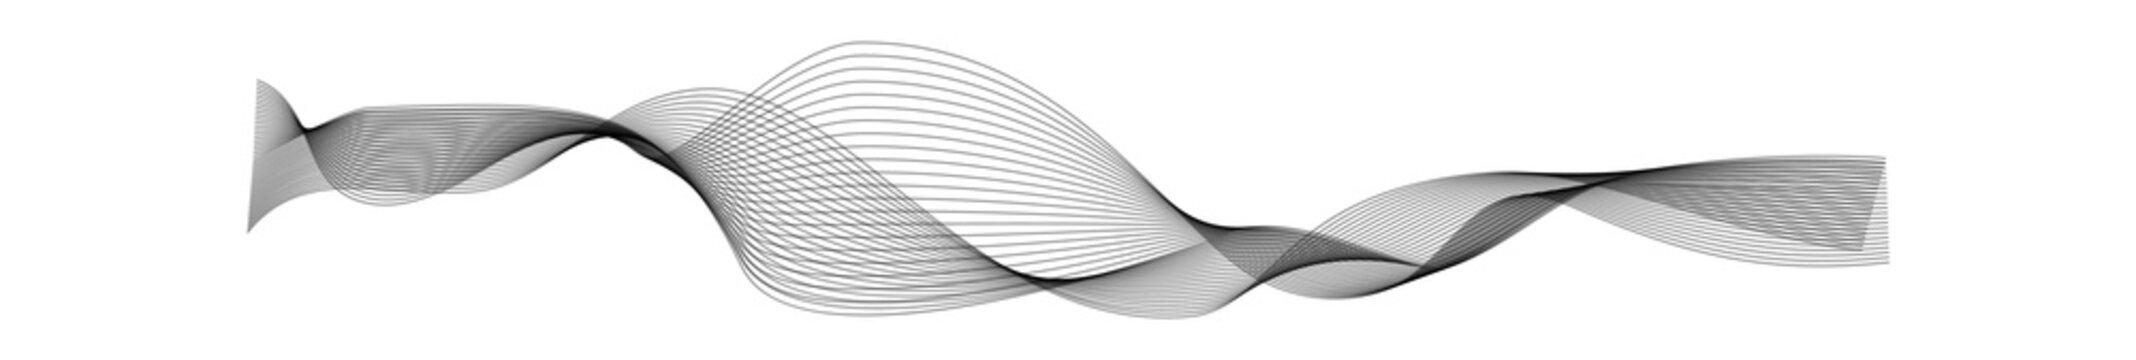 Soundwave design. Black curve sonic musical or radio line vector wave shape